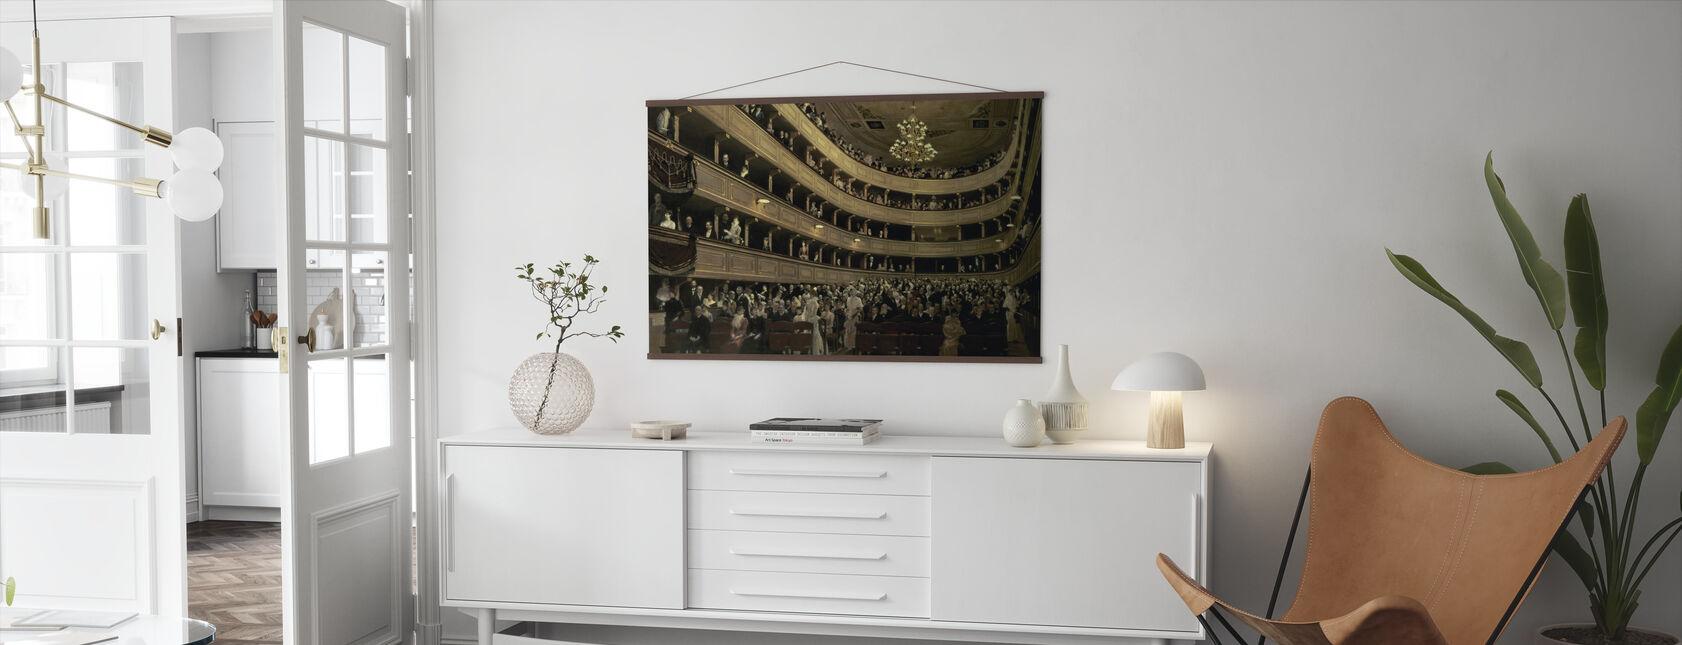 Gamle Slottsteater - Gustav Klimt - Plakat - Stue